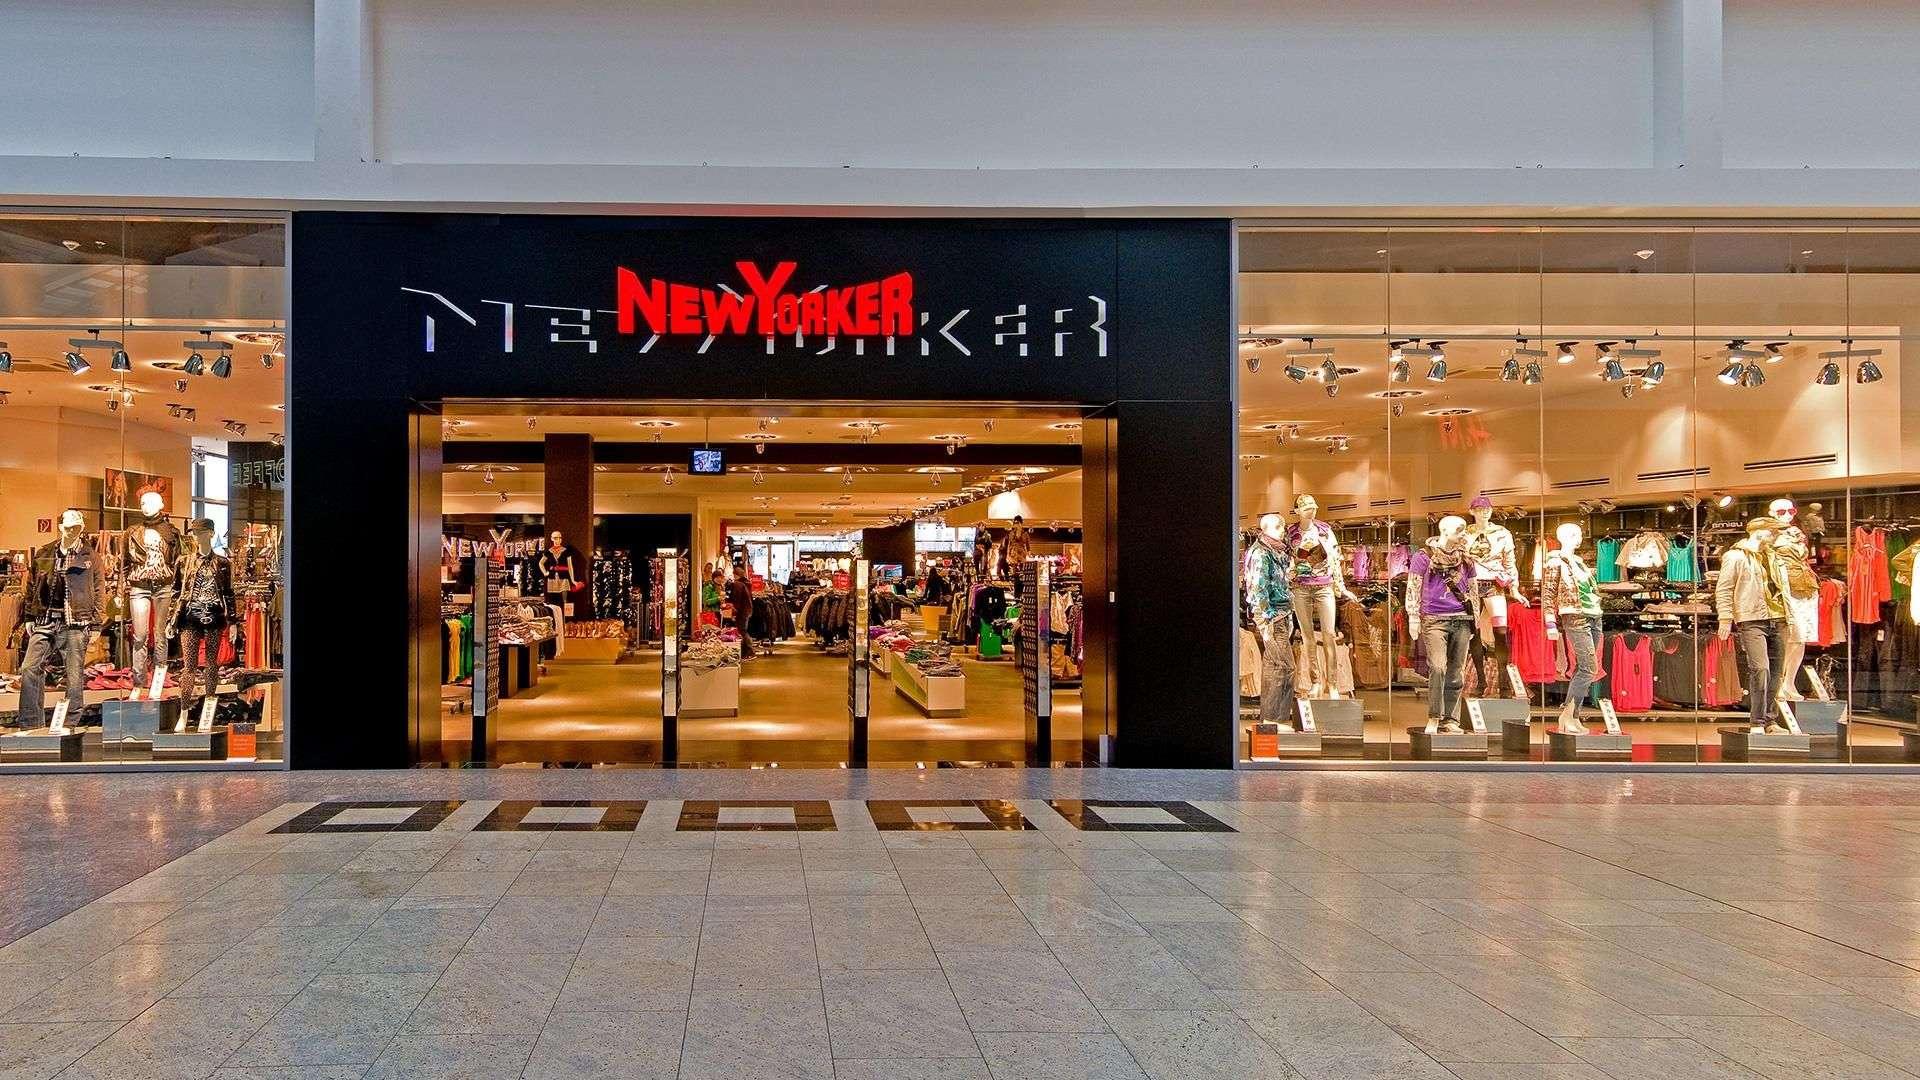 Blick auf eine NewYorker Filiale mit langer Glas-Front in einem Einkaufszentrum